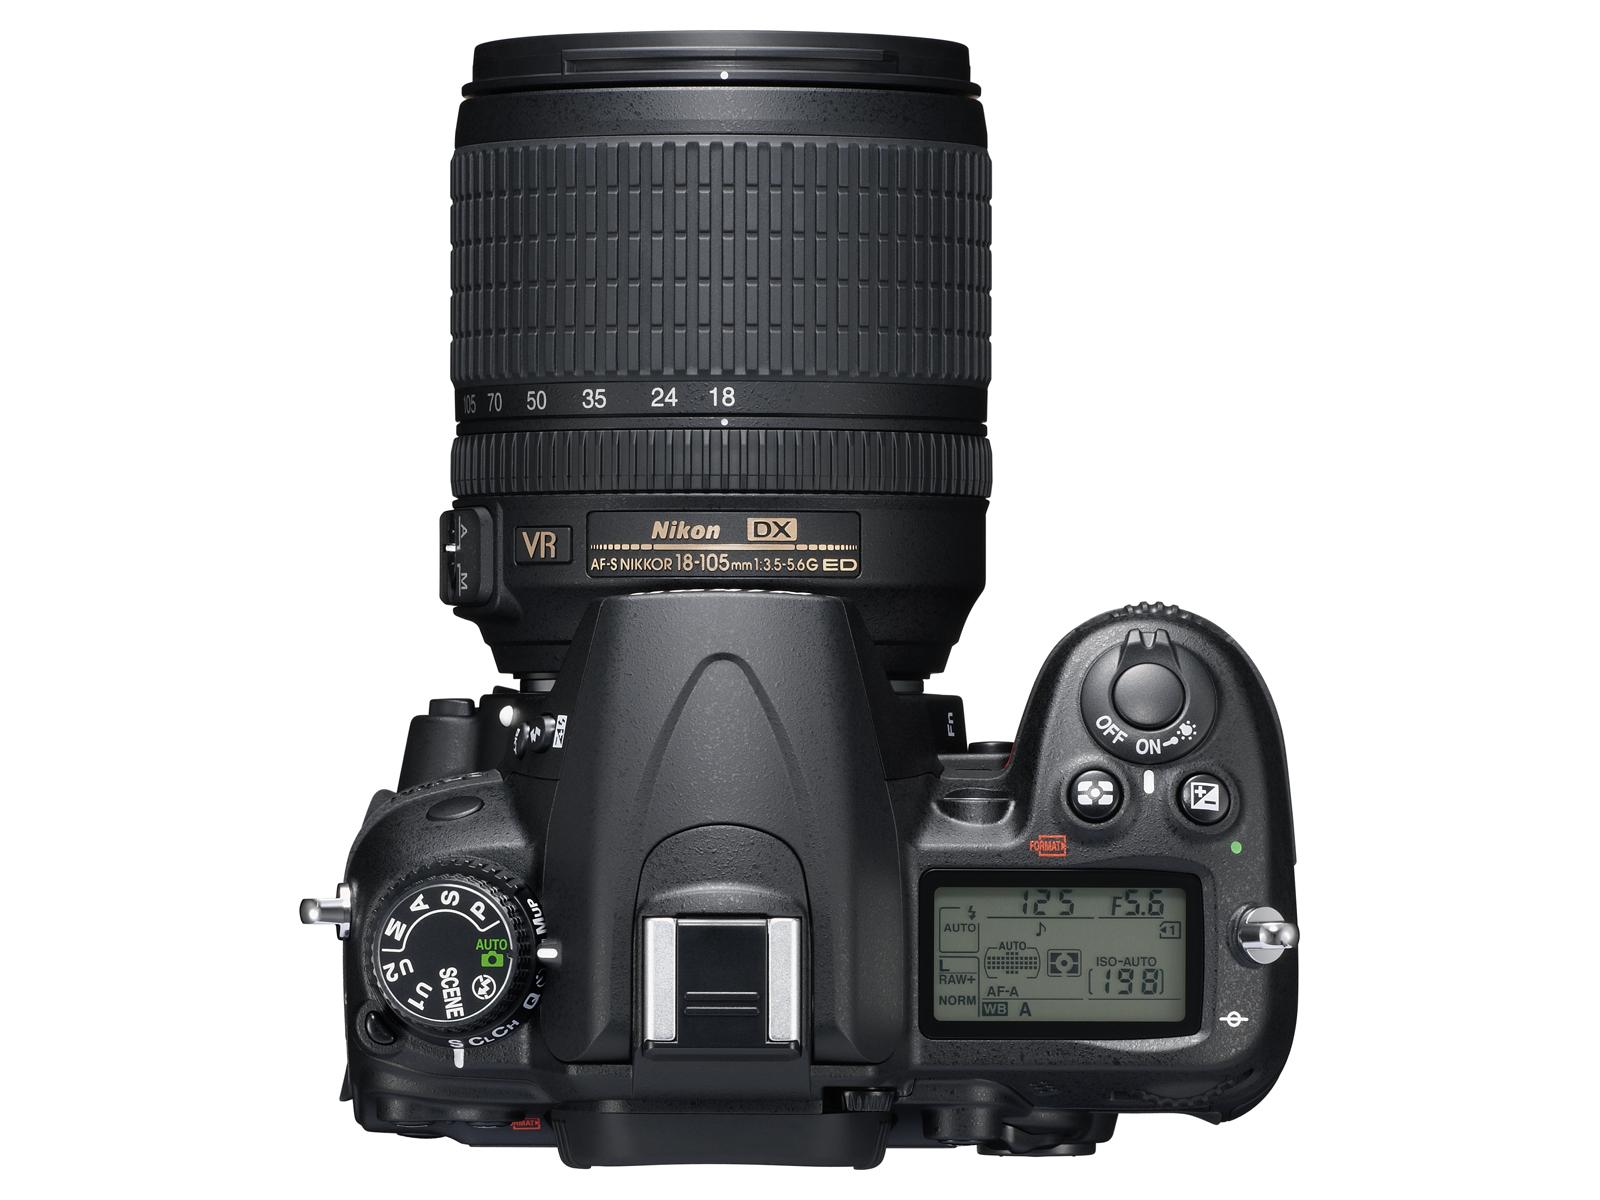 Nikon D7000 - 11